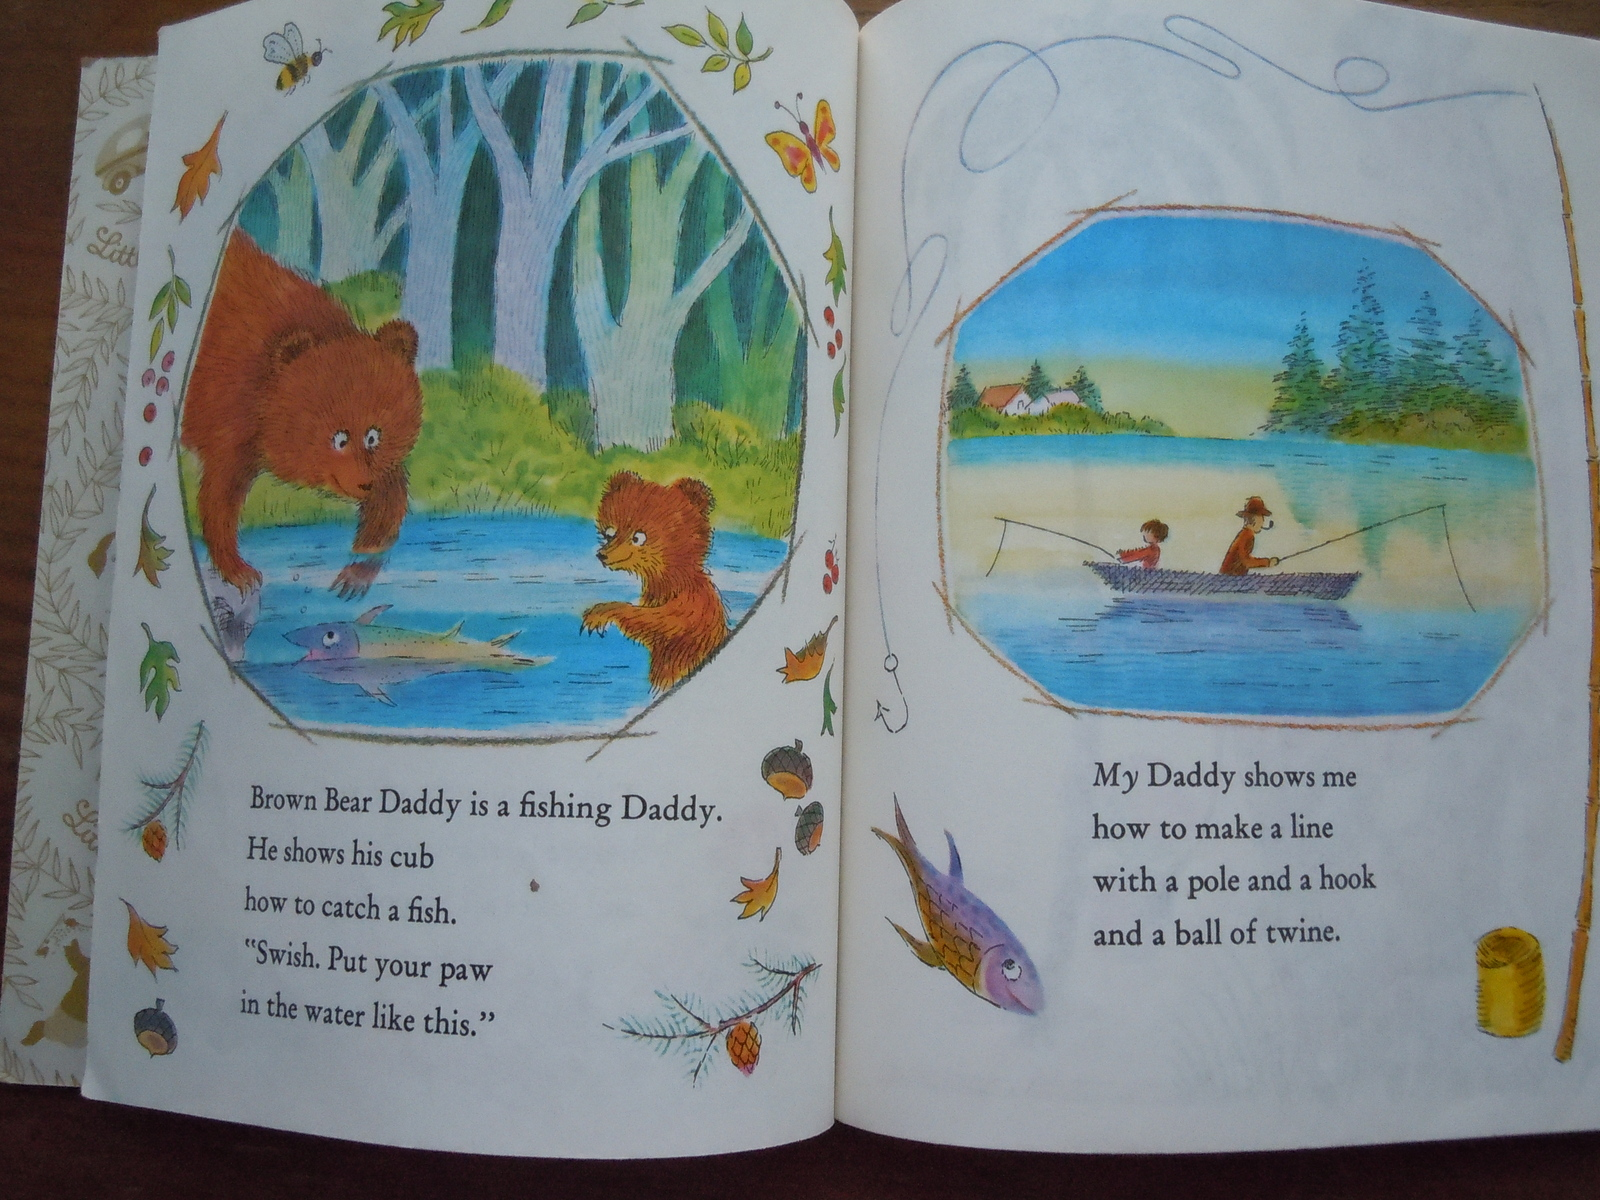 Animal Daddies and My Daddy by Barbara Shook Hazen Golden Book